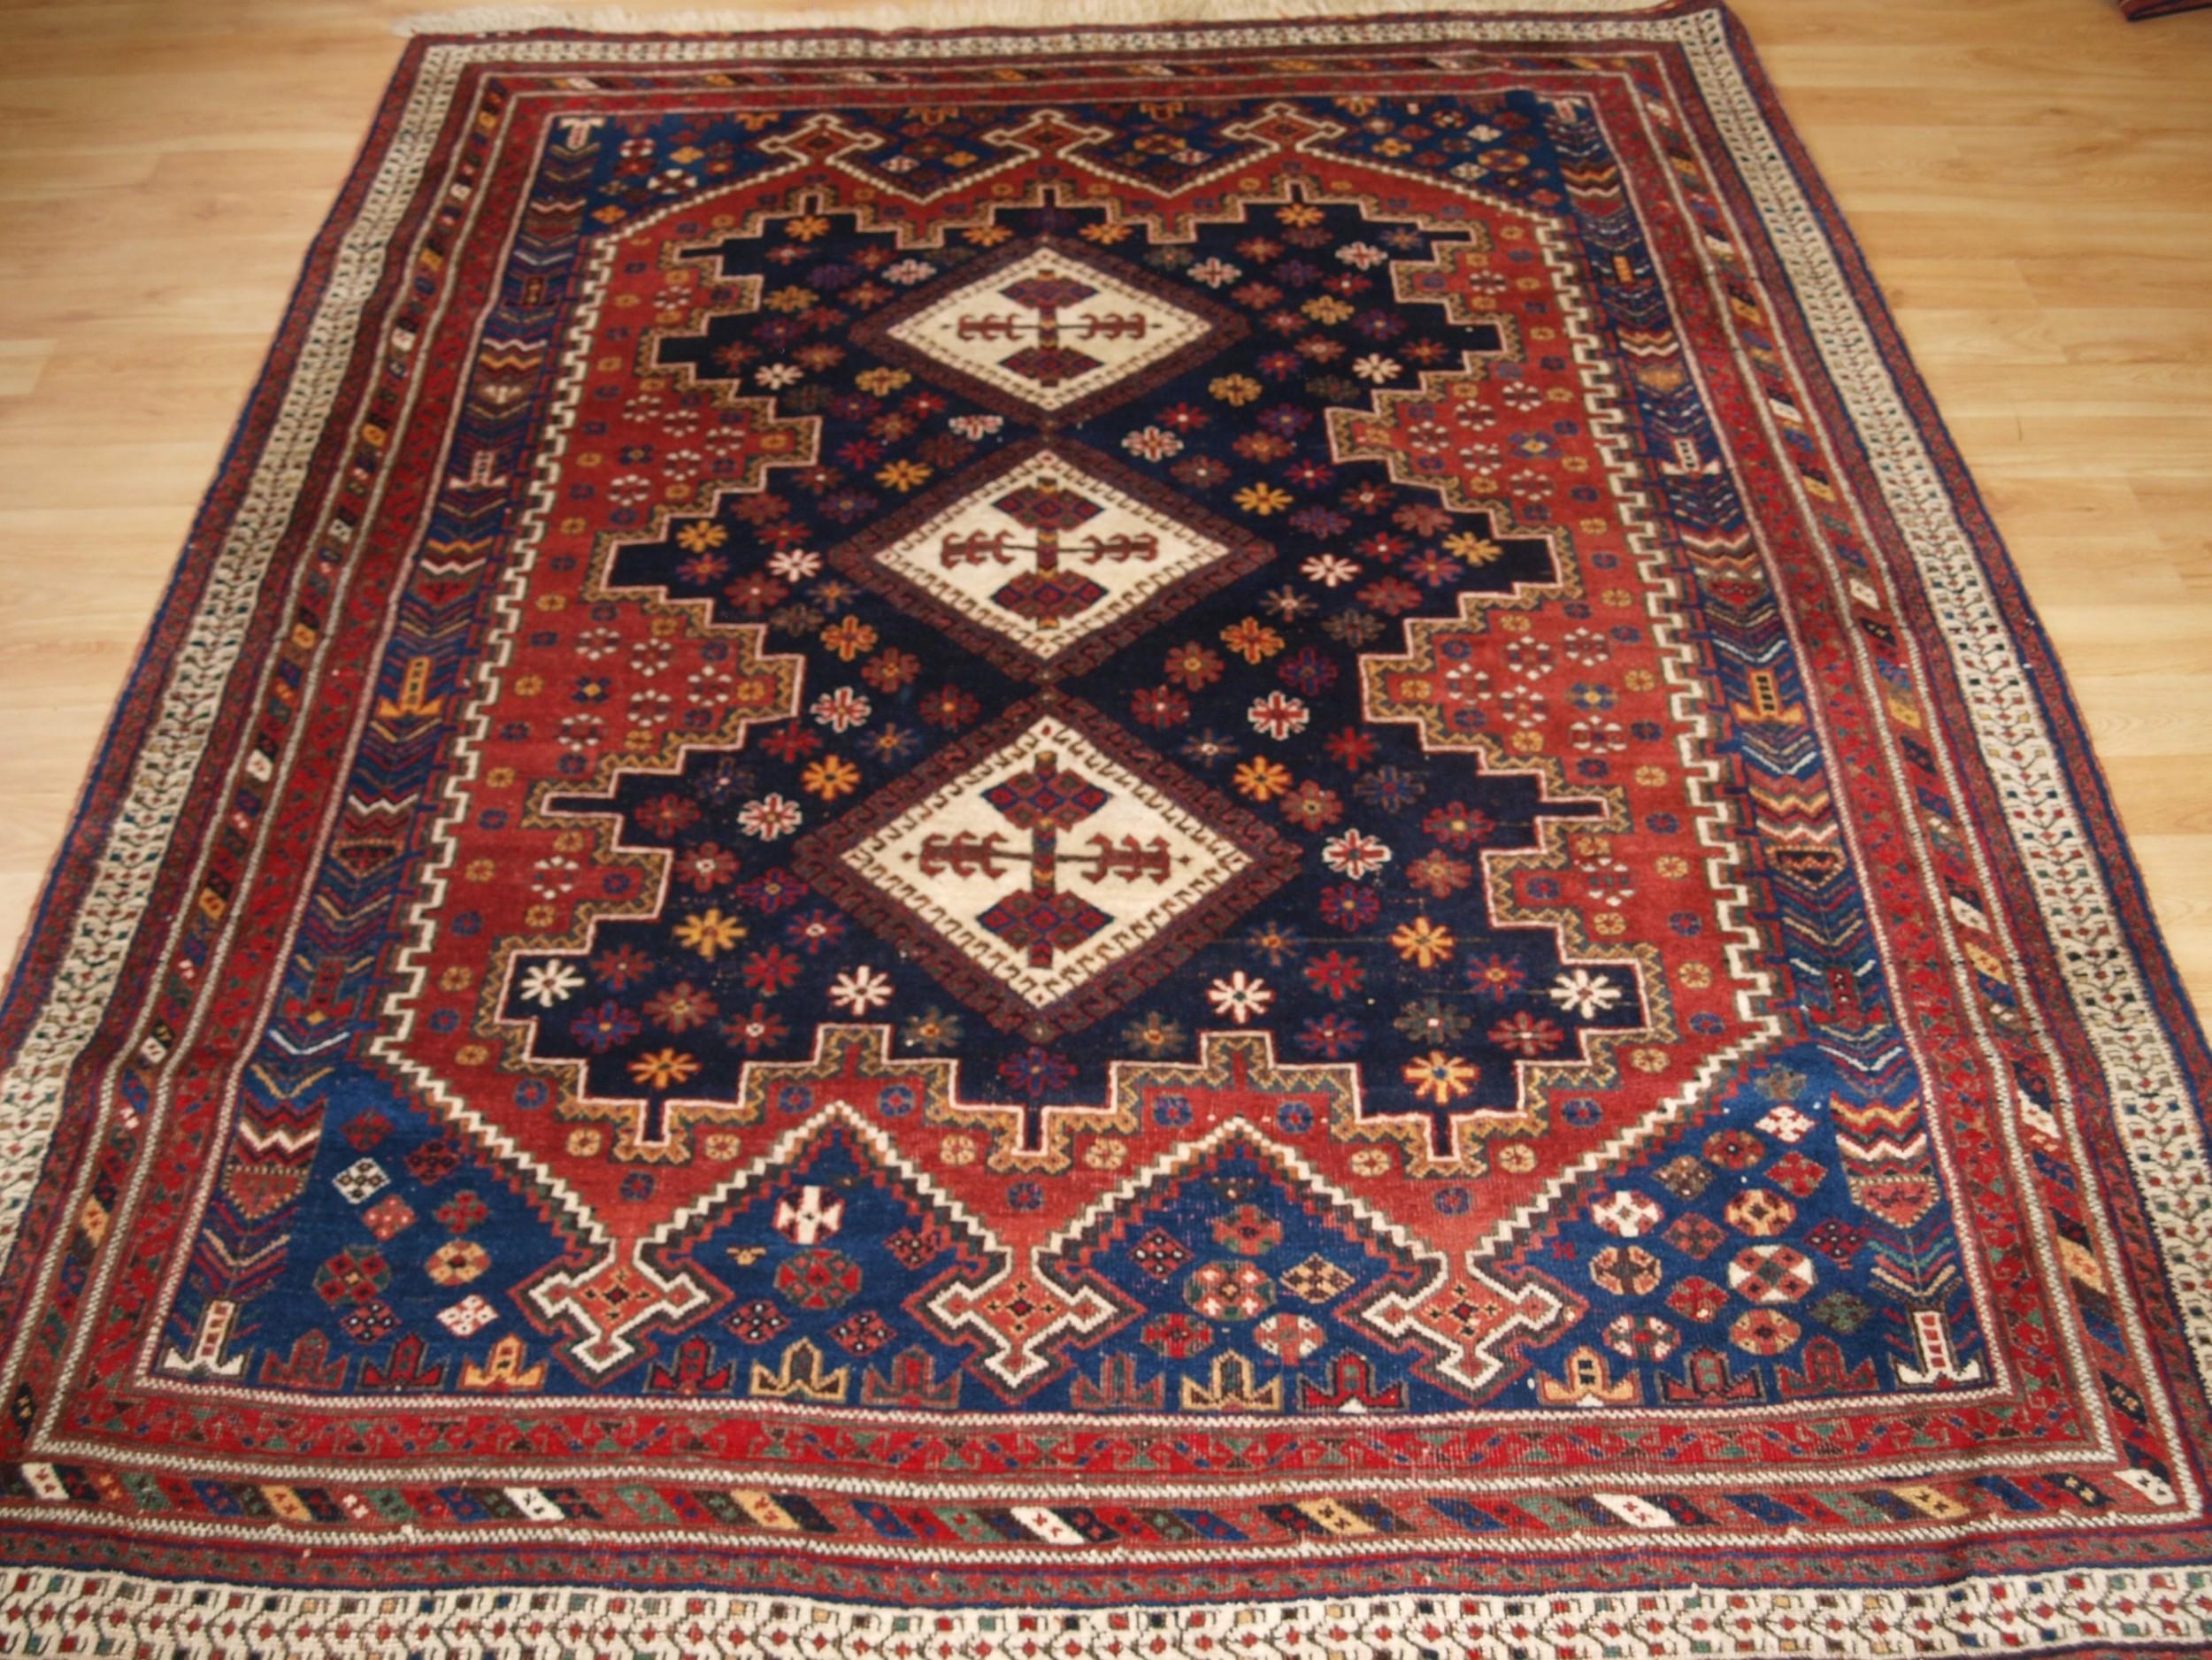 antique afshar rug of classic design circa 1900